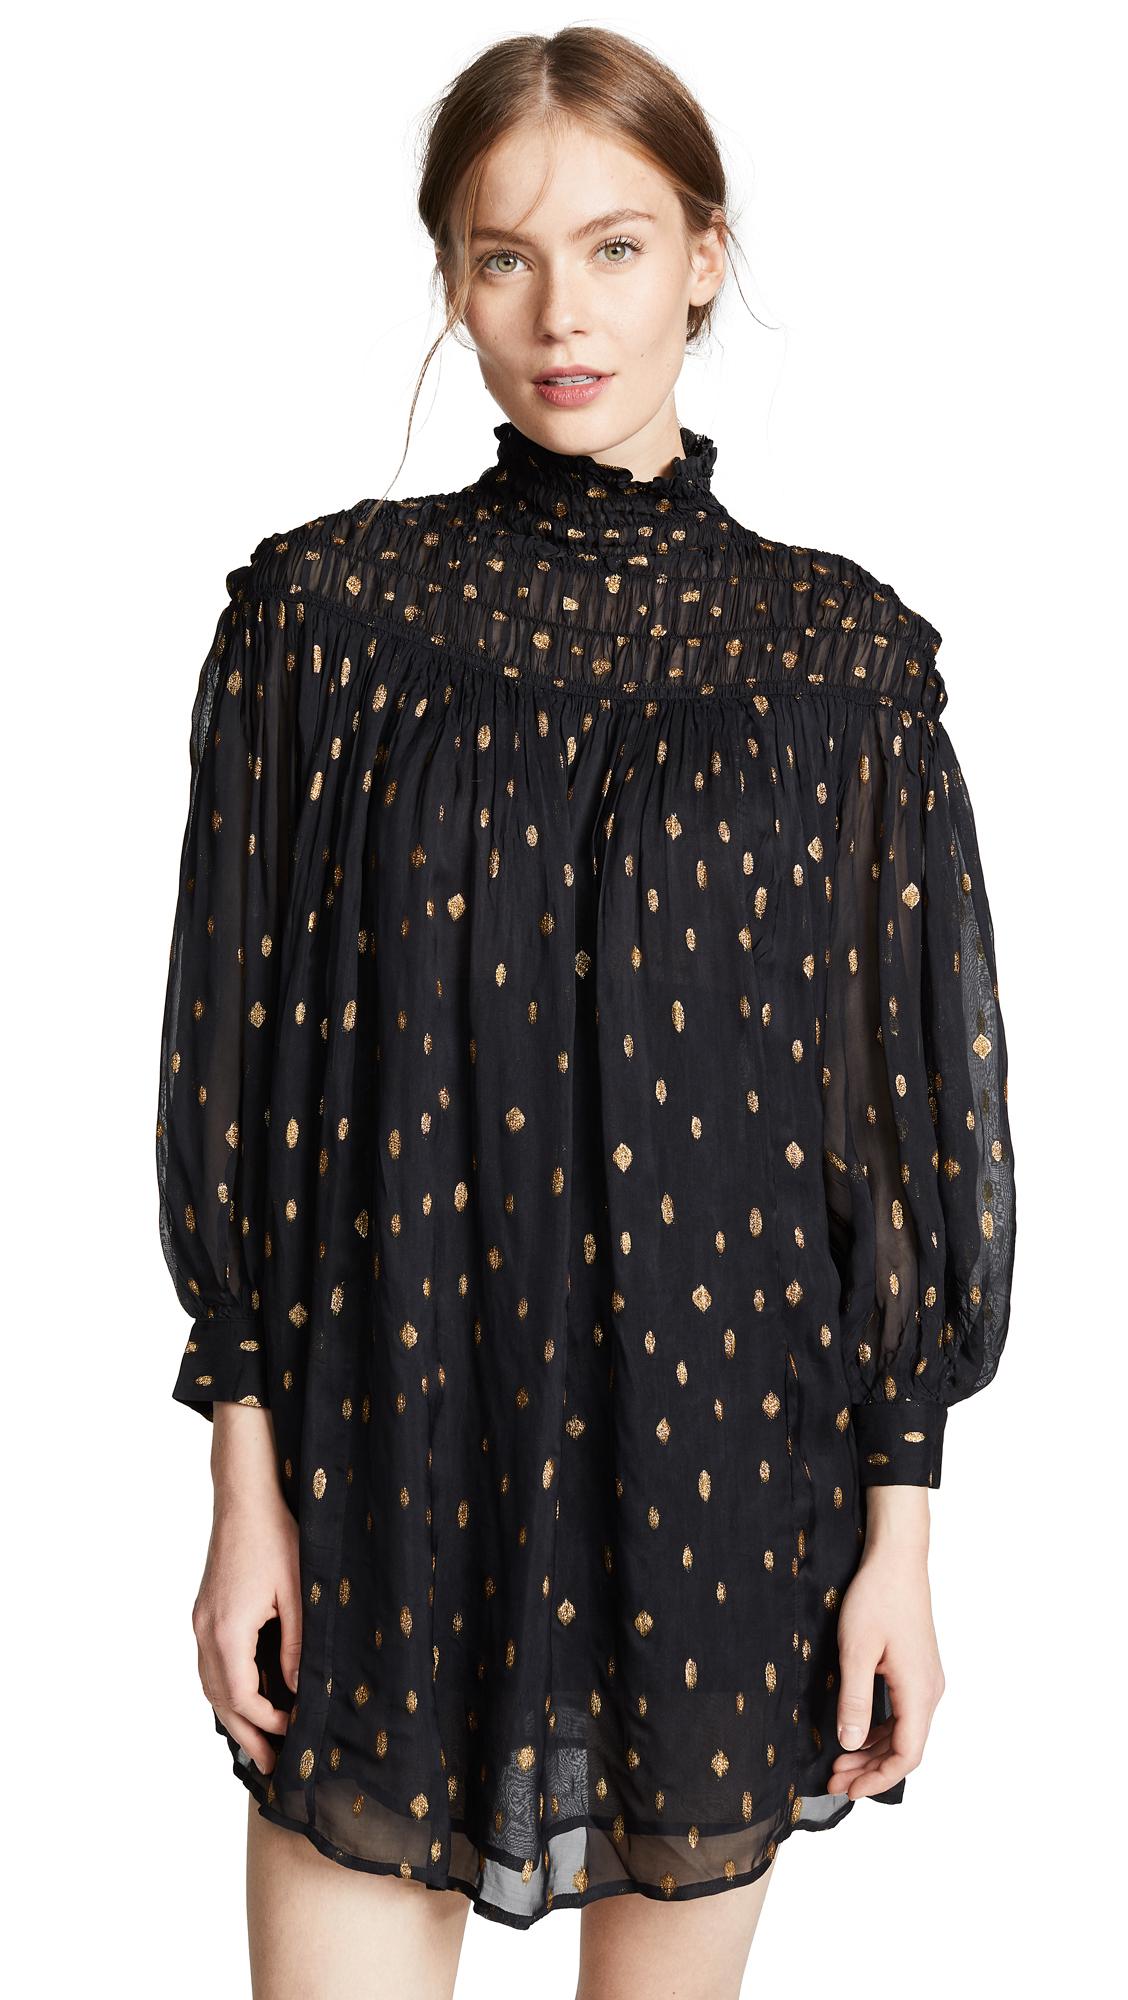 FRAME Smocked Long Sleeve Dress - Noir